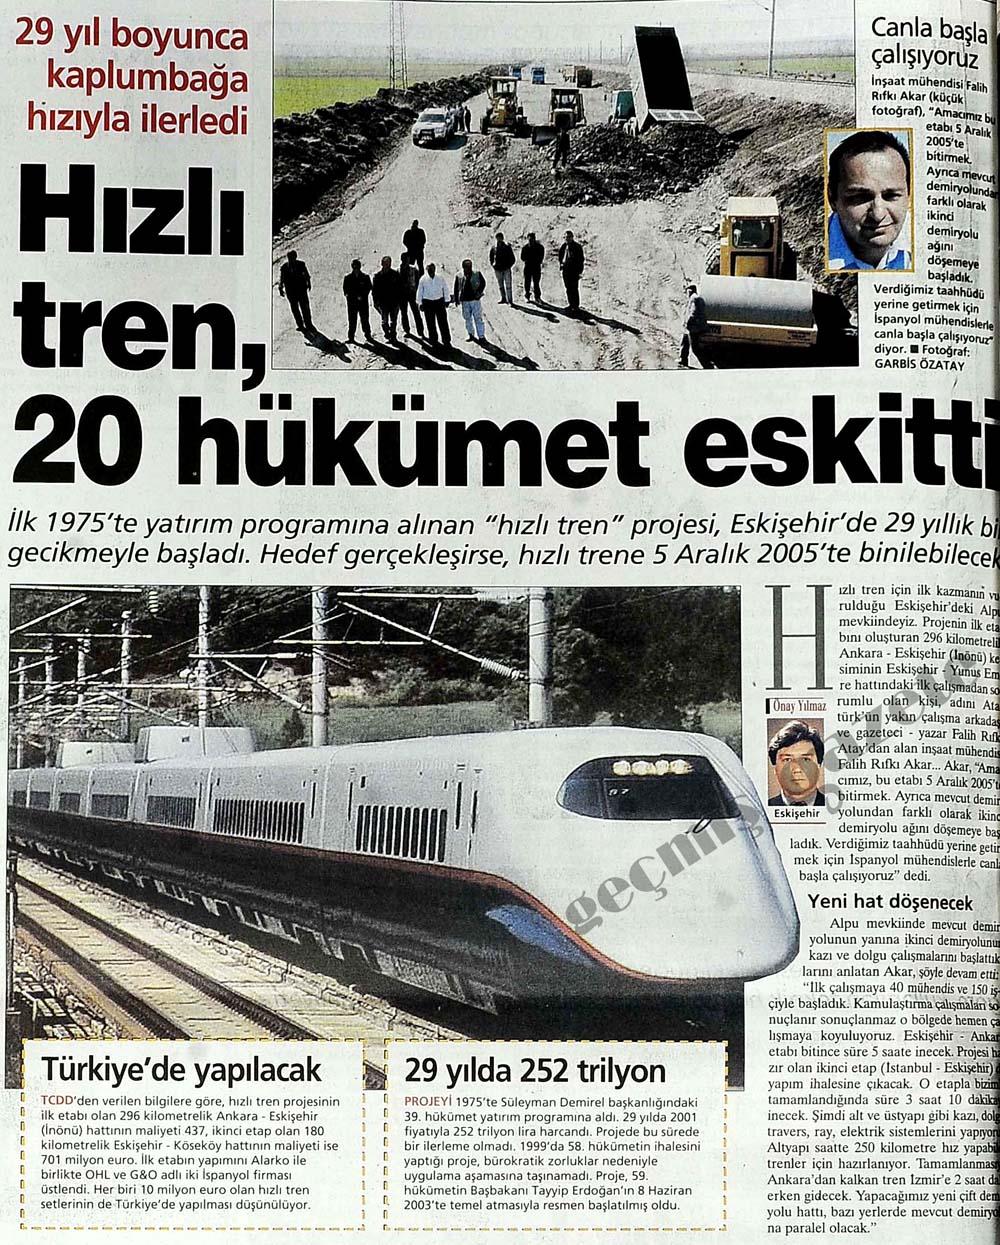 29 yıl boyunca kaplumbağa gibi ilerledi Hızlı tren, 20 hükümet eskitti